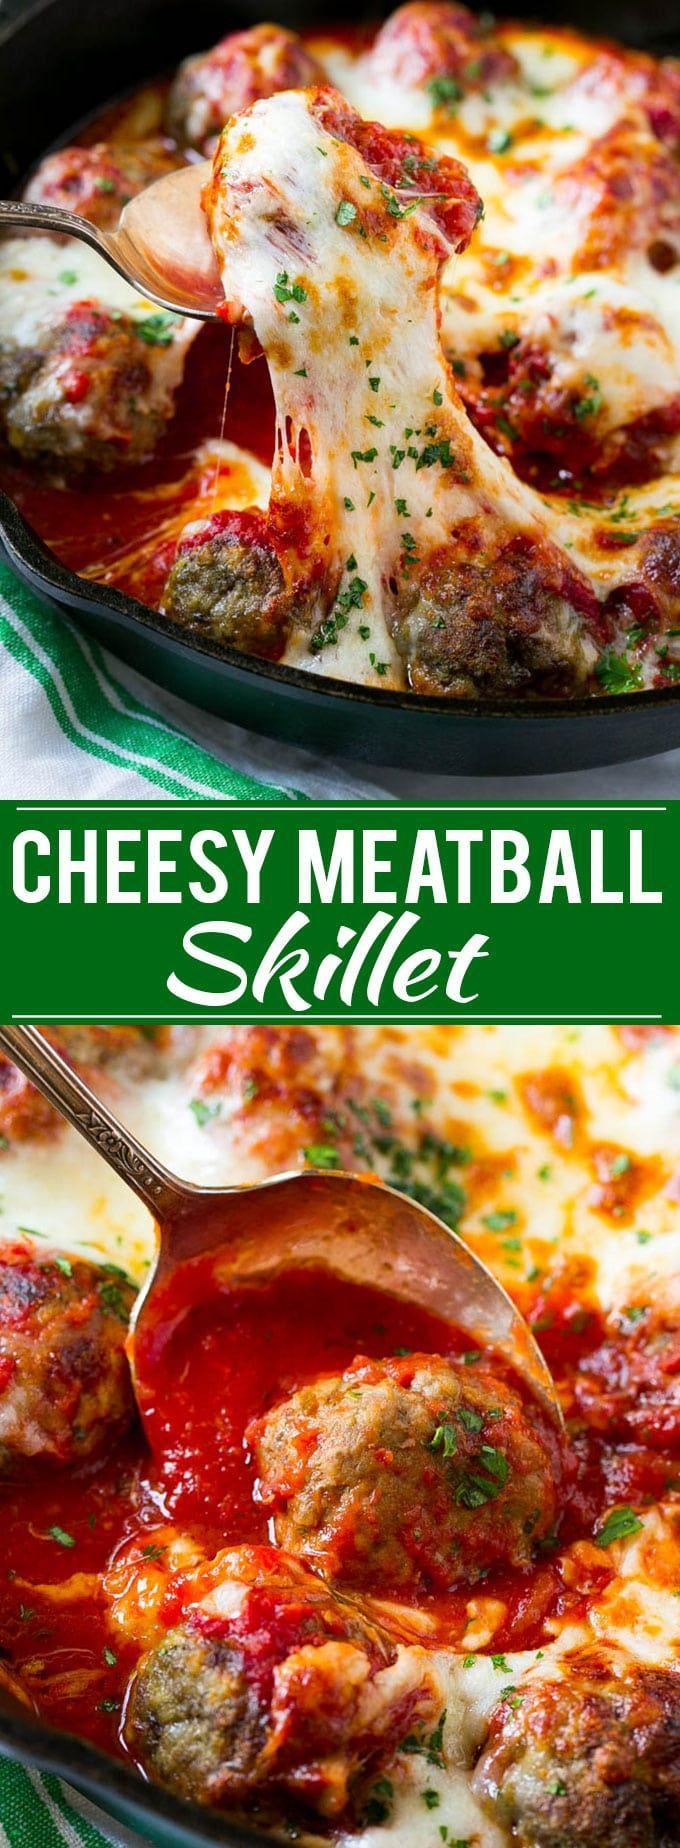 Cheesy Meatball Bake Recipe | Meatball Skillet | Italian Meatballs | Baked Meatball Recipe